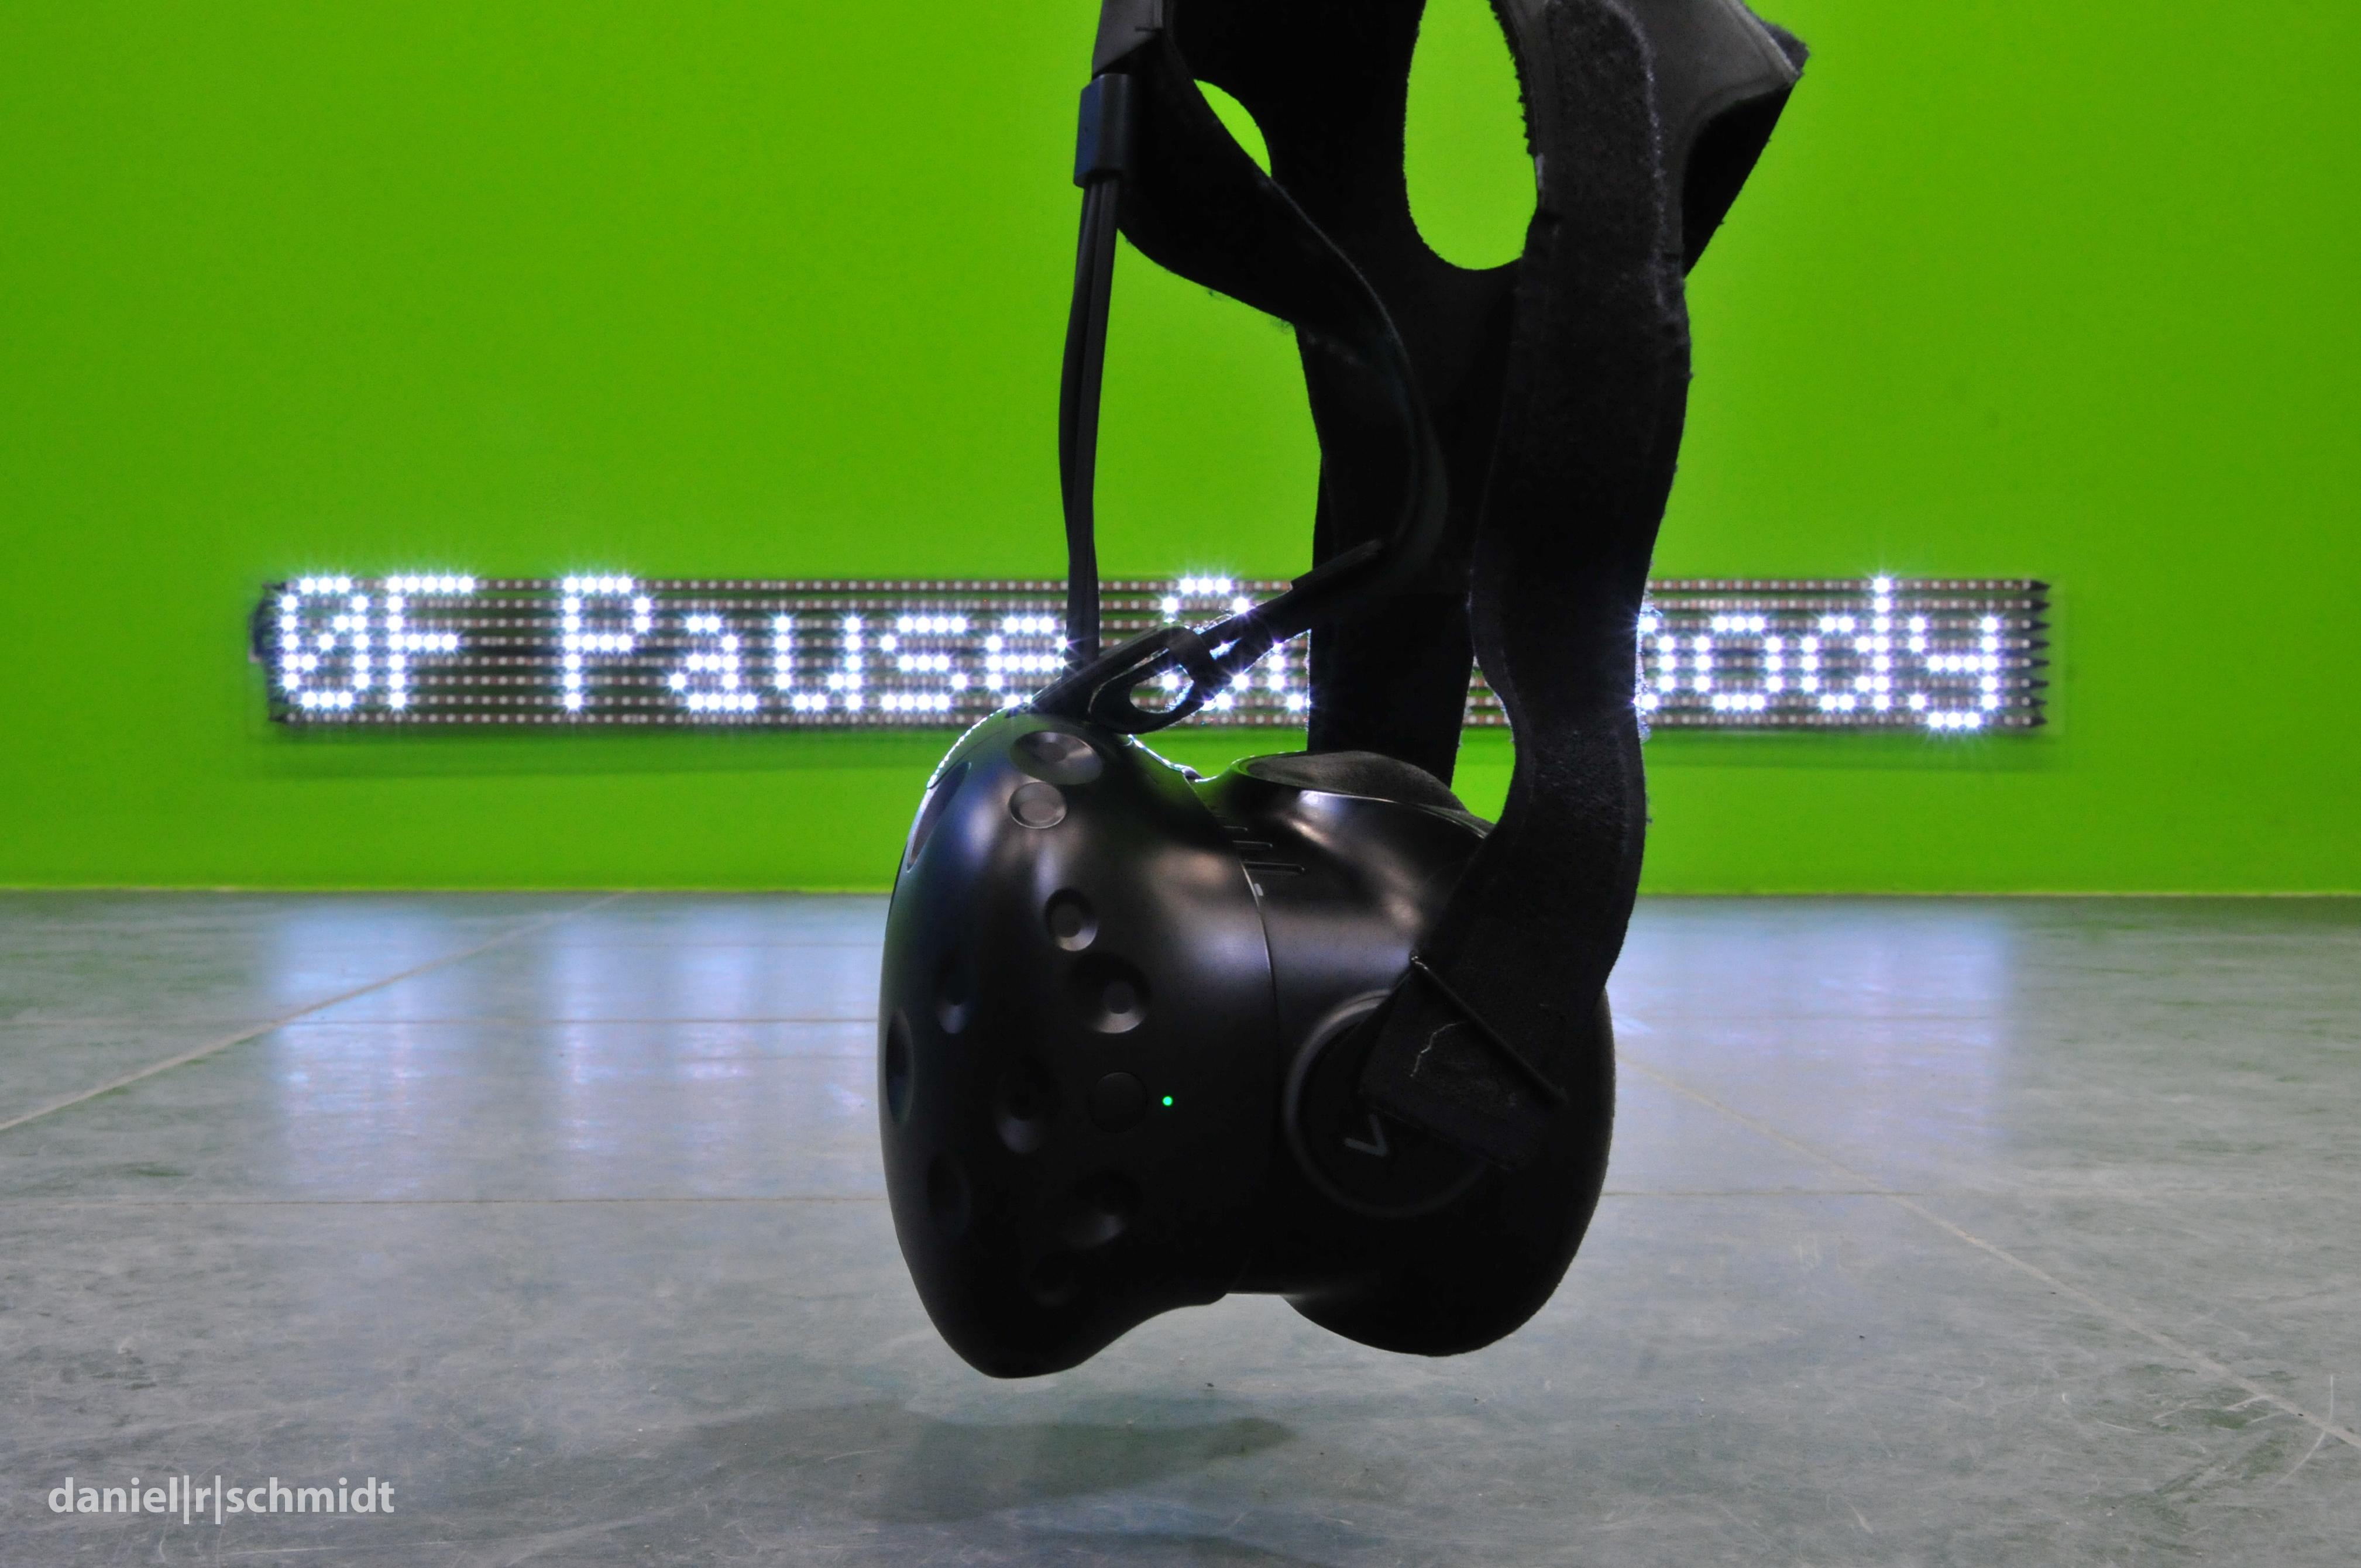 Eine VR-Brille ist der Zugang zum Kunstwerk Wetware